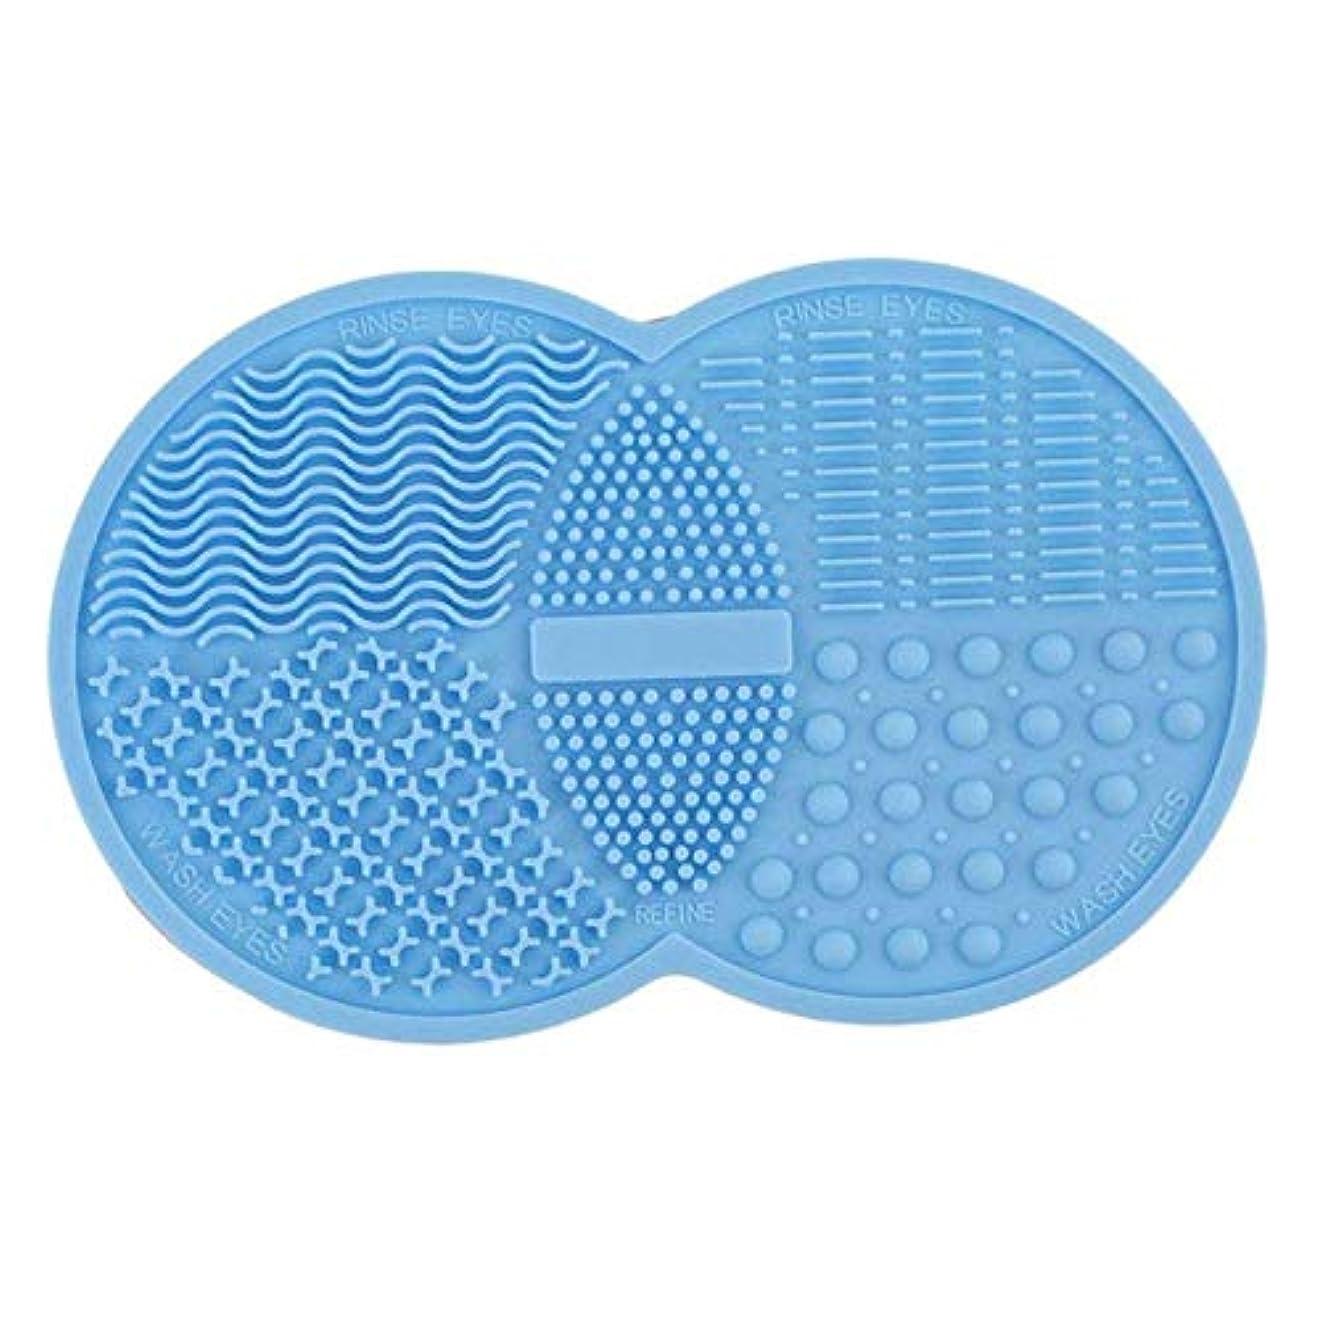 ゴールデン精通した失望させるPichidr-JP 化粧ブラシクリーニングマット家庭用と旅行用サクションカップ付きポータブル洗浄ツールスクラバー(ブルー)